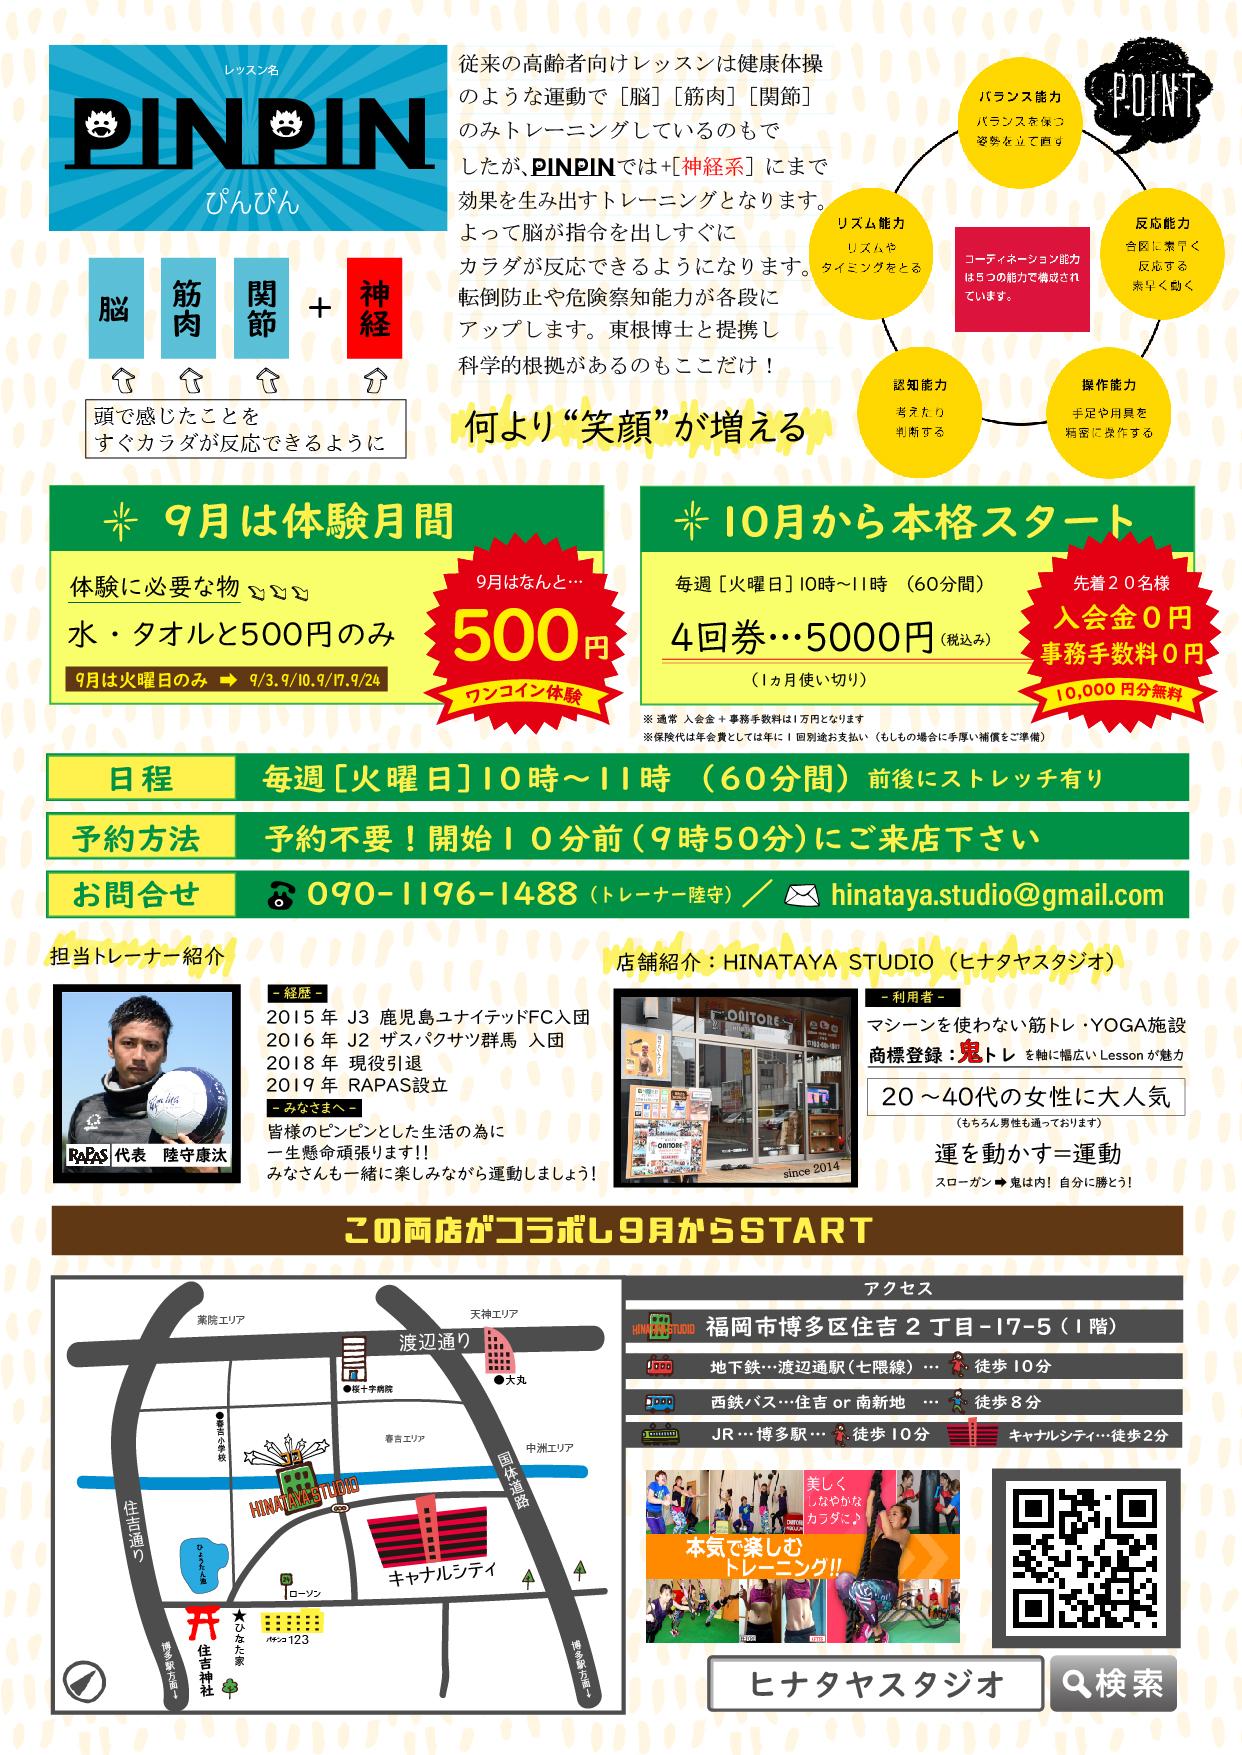 ピンピン広告 表 9月用-02